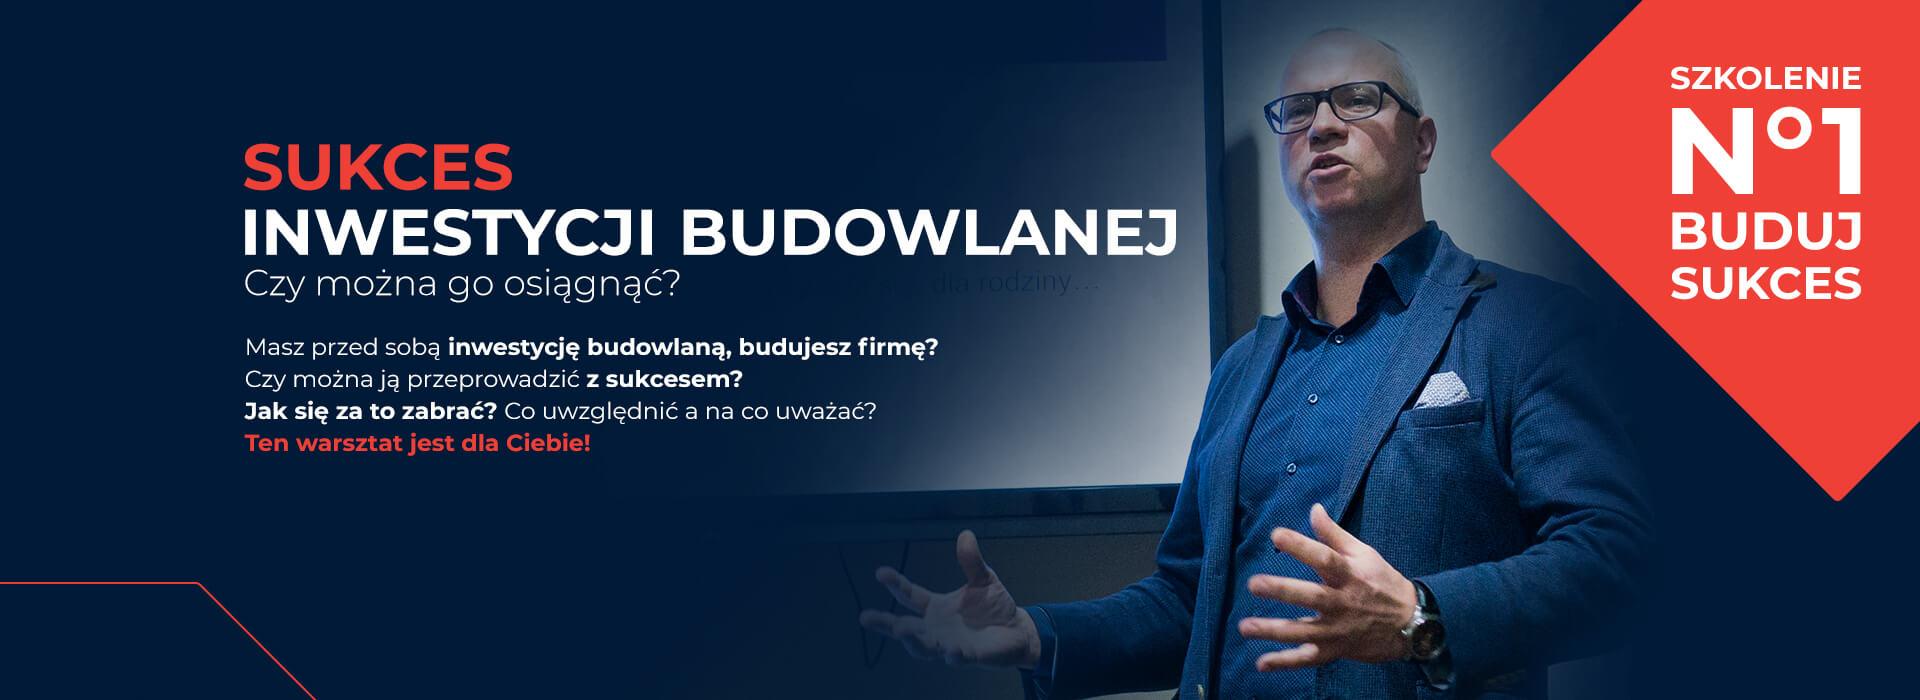 Profesjonalne szkolenie o inwestycjach budowlanych Białystok